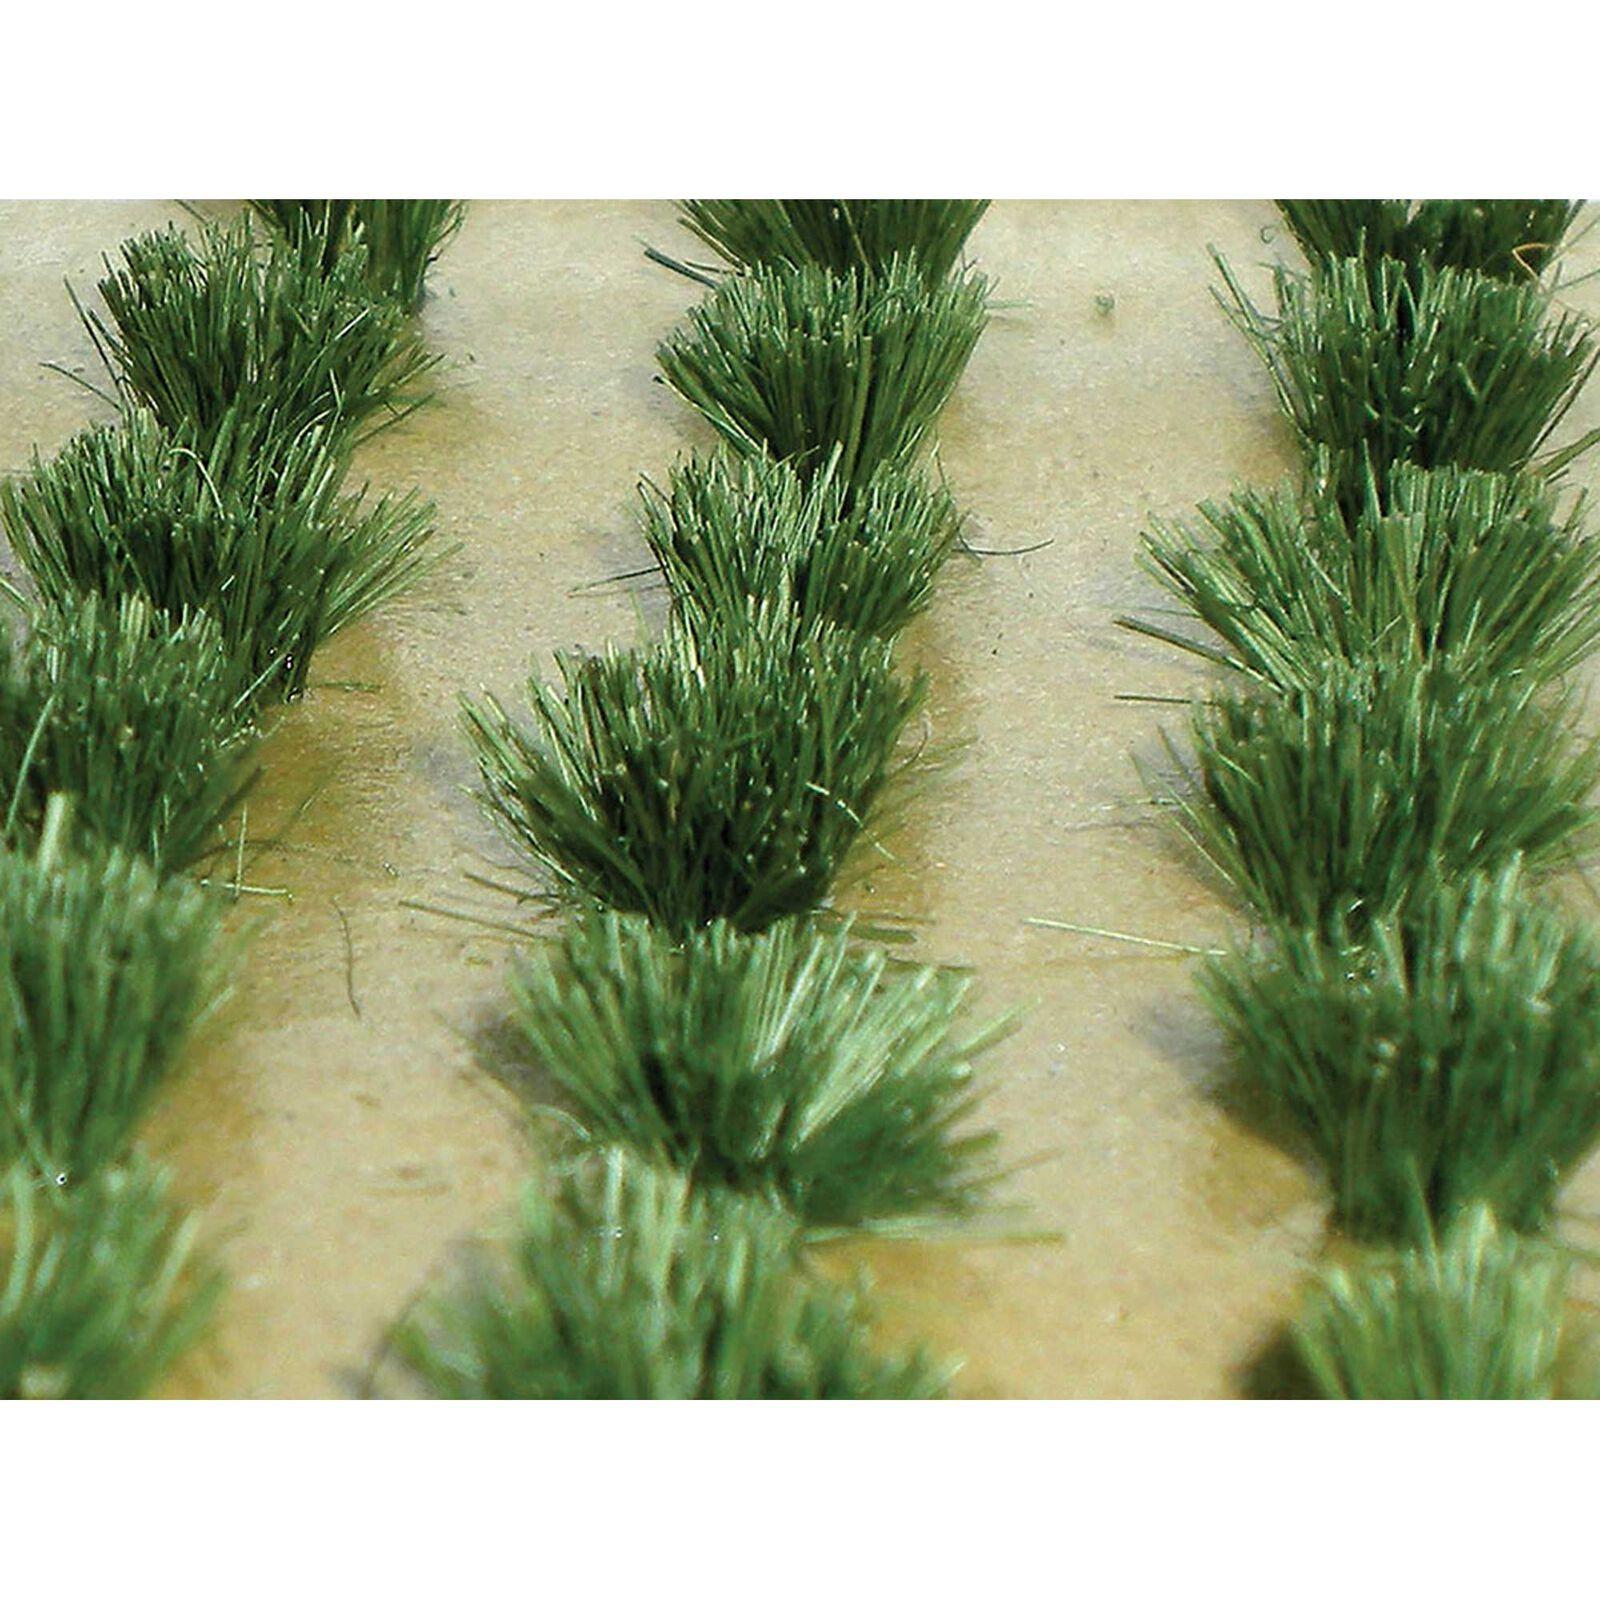 Detachable Grass Bushes (30)